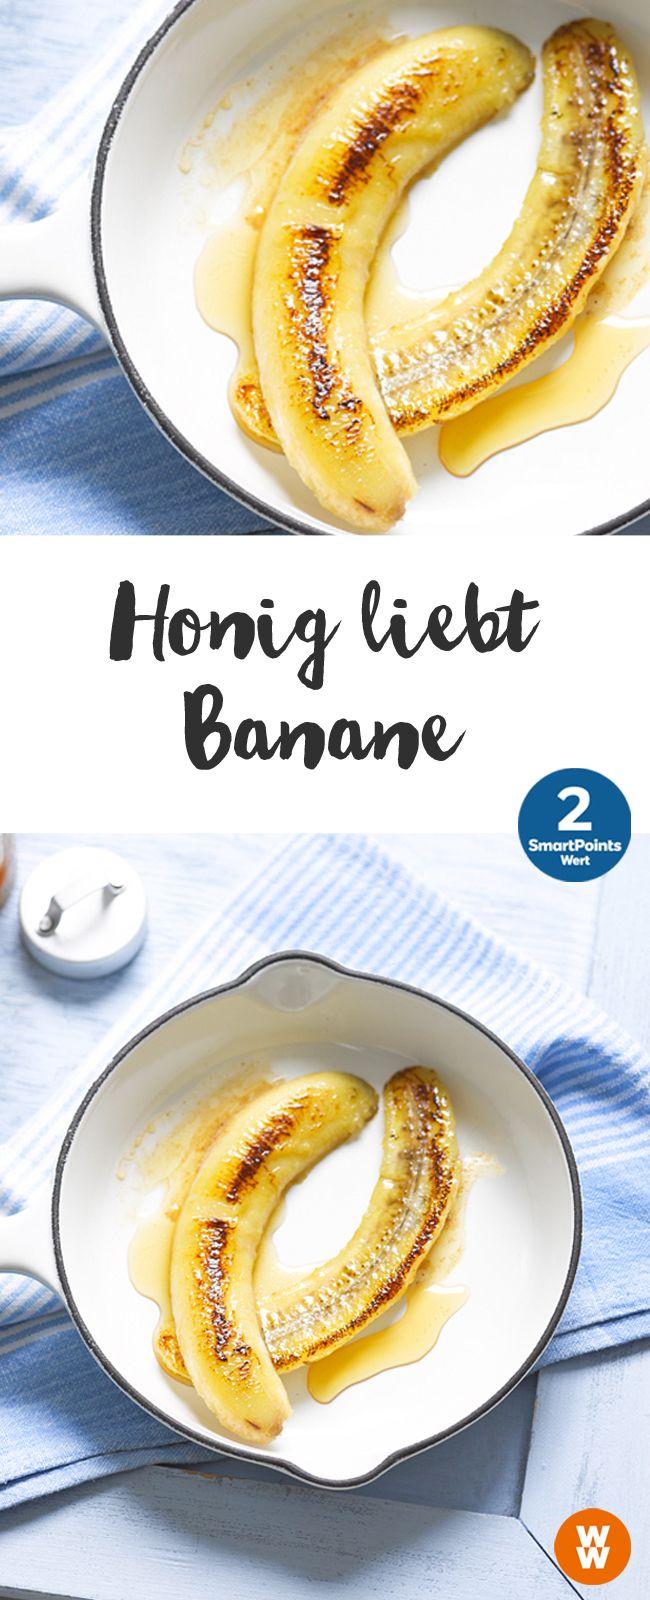 Honig liebt Banane | 2 SmartPoints/Portion, Weight Watchers, schnell fertig in 10 min.